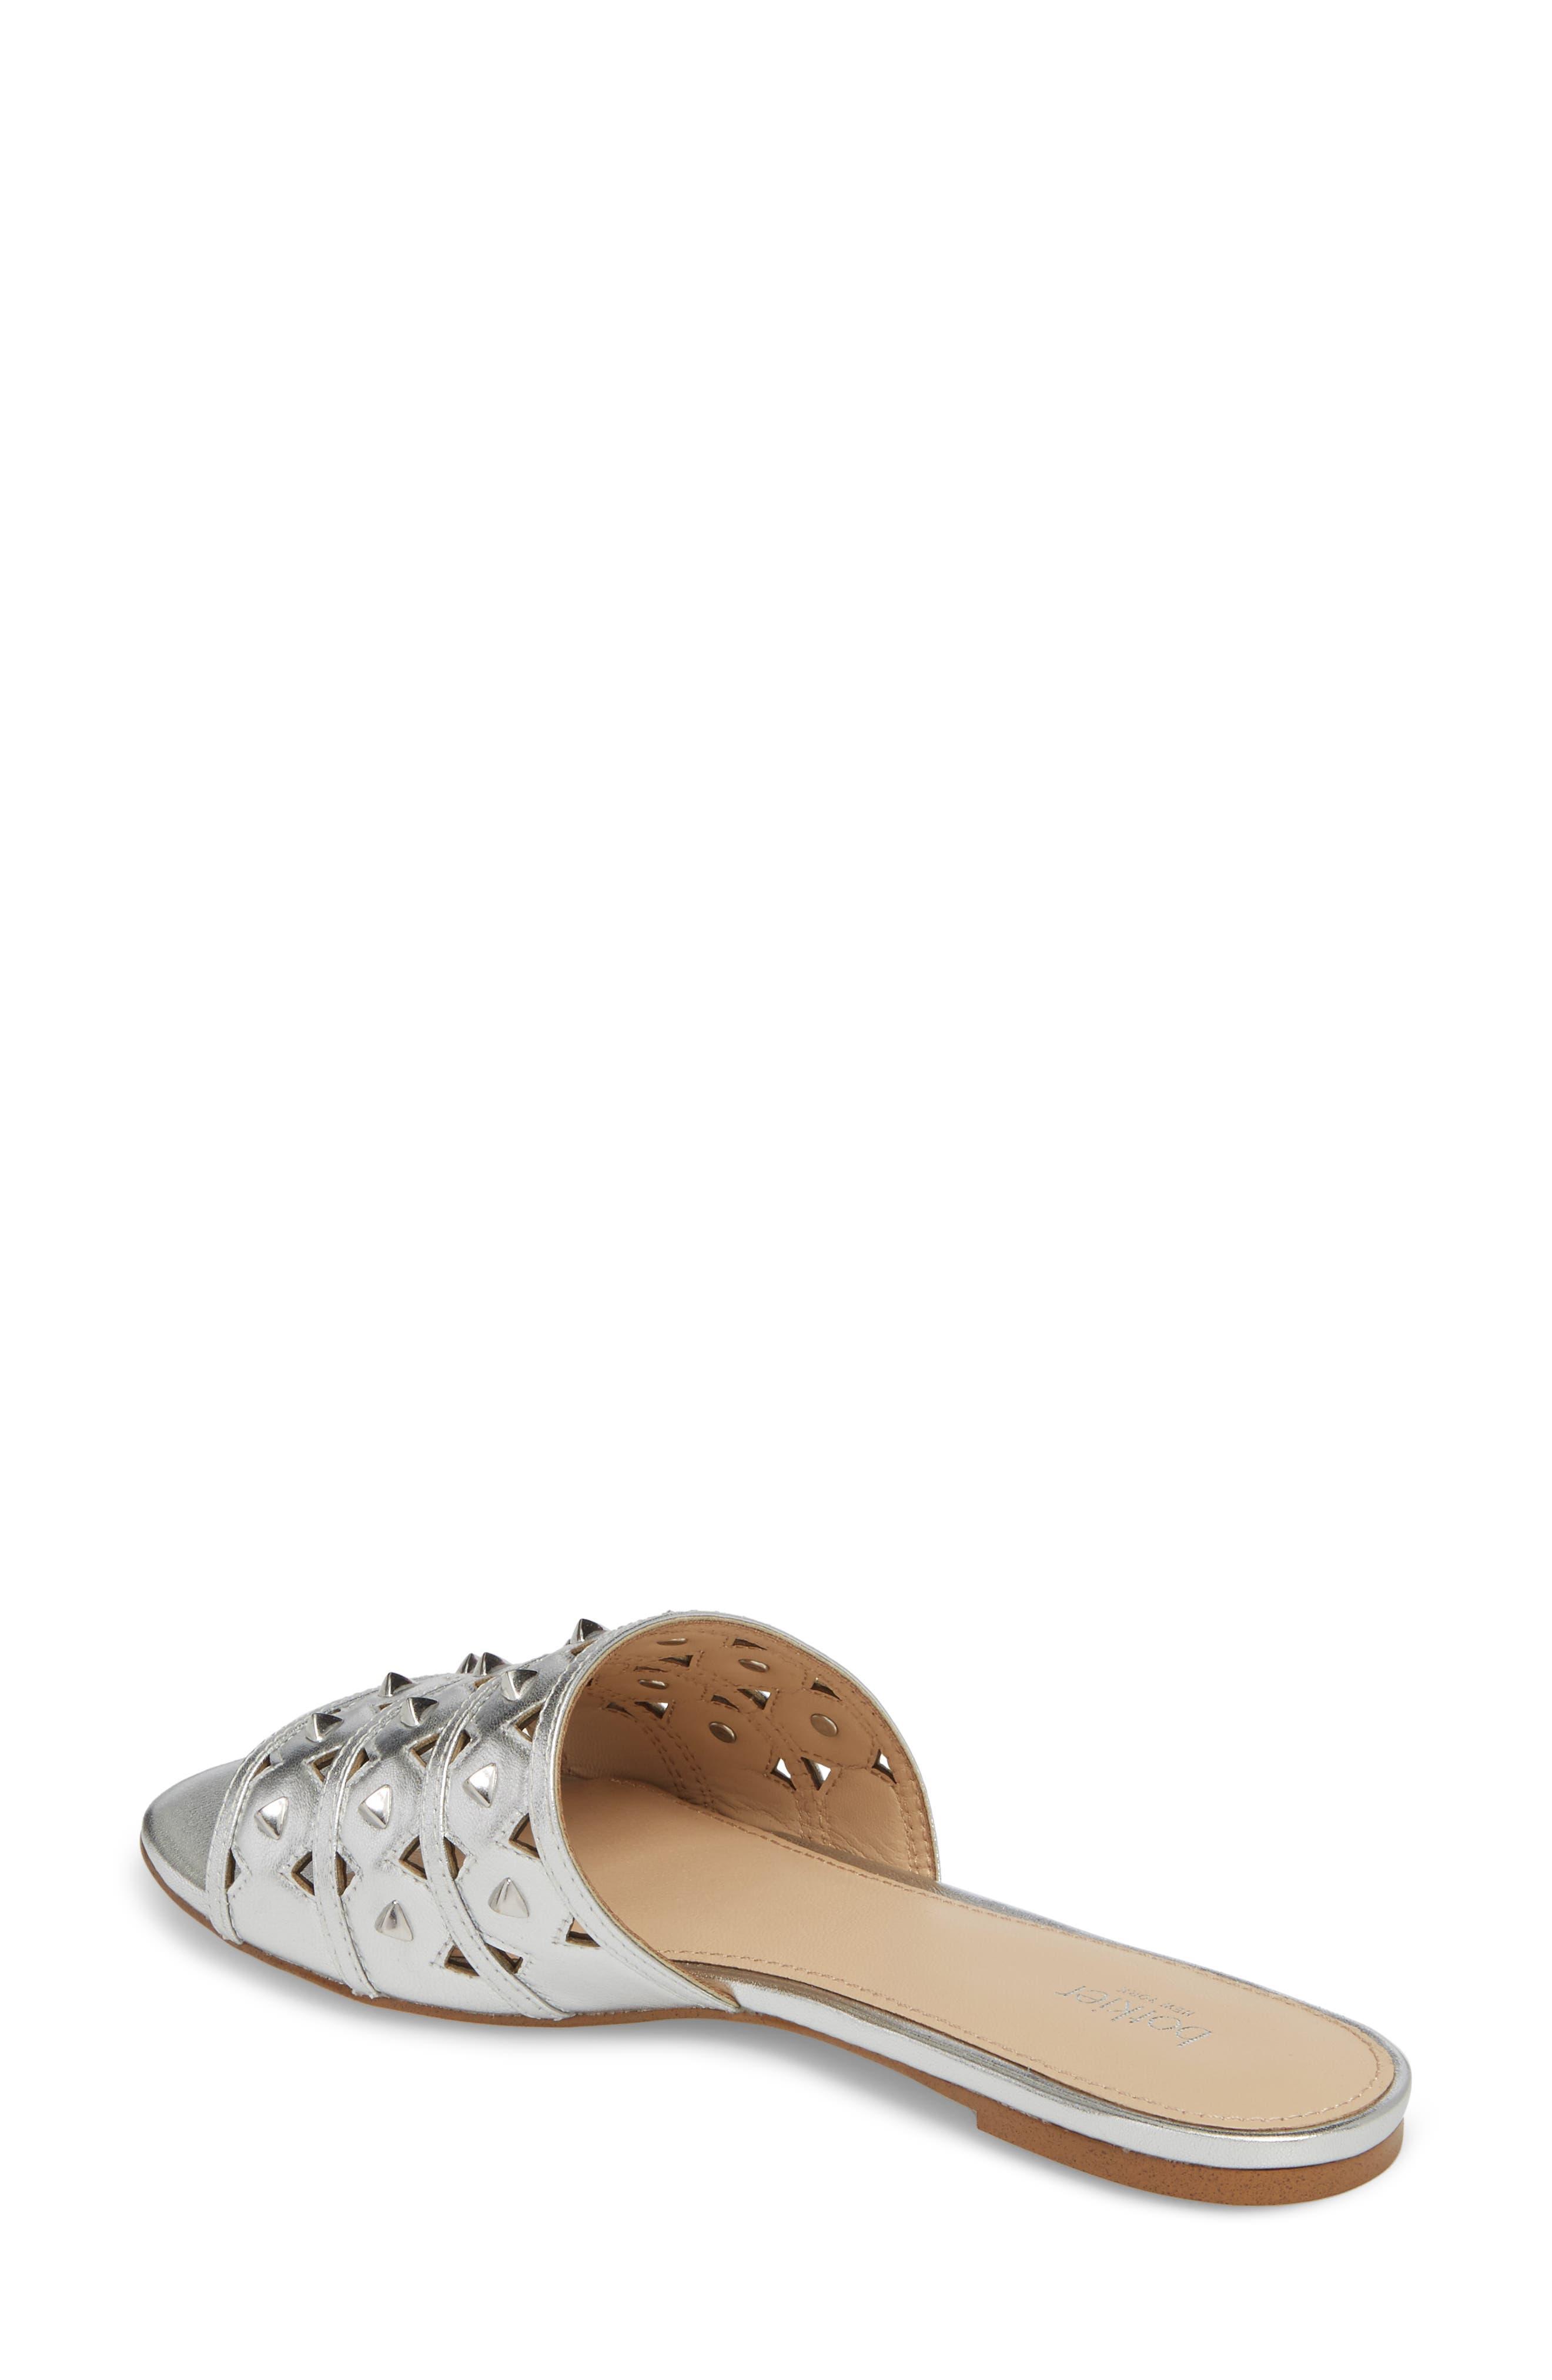 Maeva Slide Sandal,                             Alternate thumbnail 2, color,                             Argento Leather